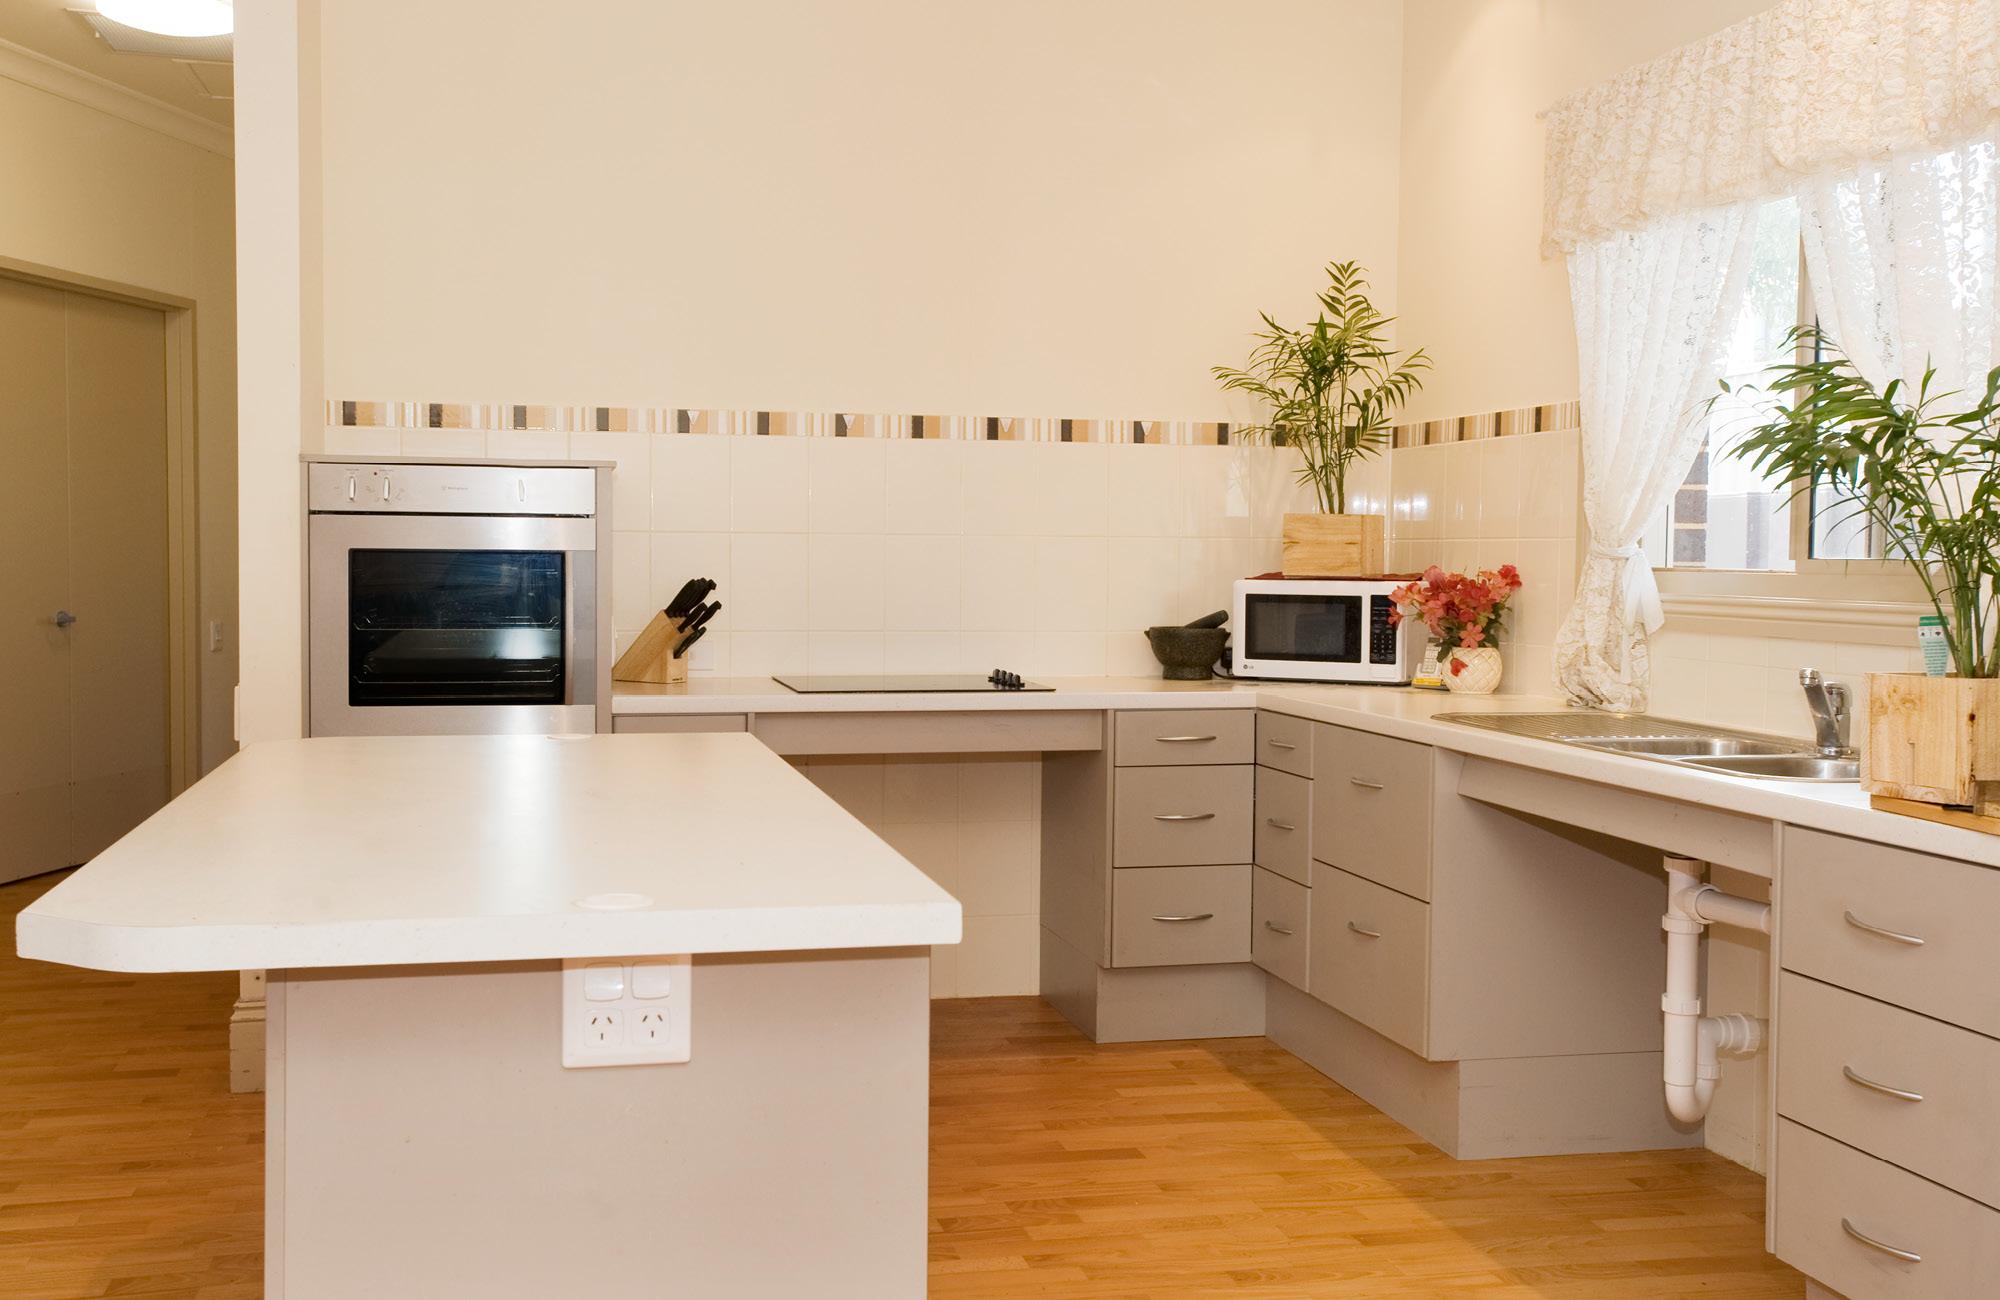 Swanport Specialised Accommodation